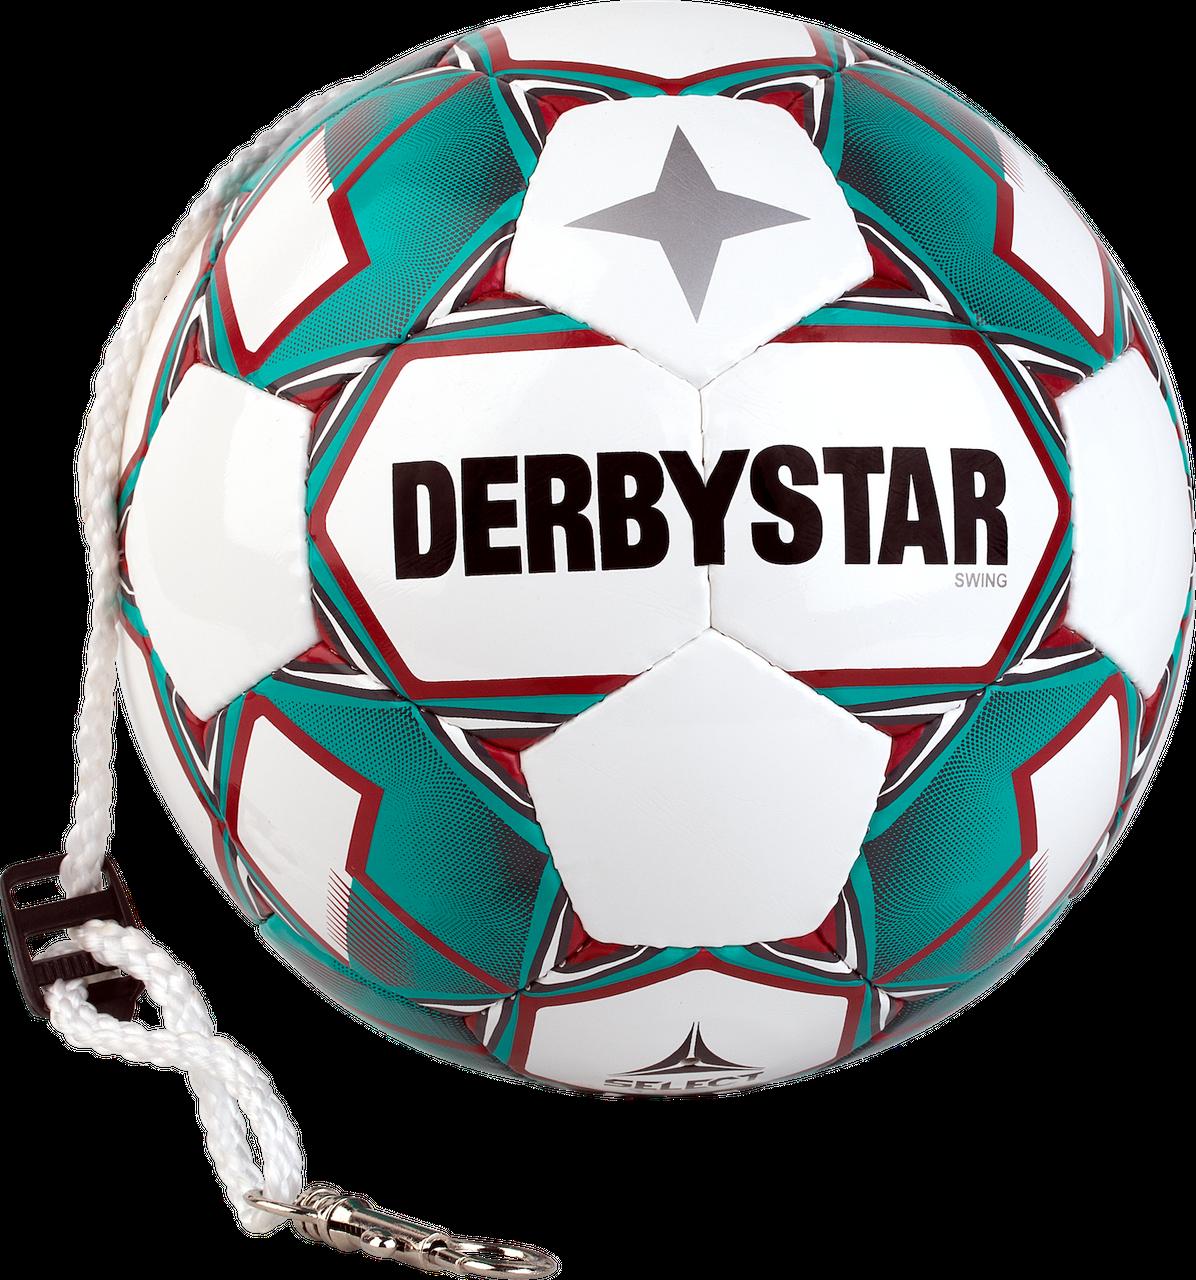 DERBYSTAR Pendelball - SWING